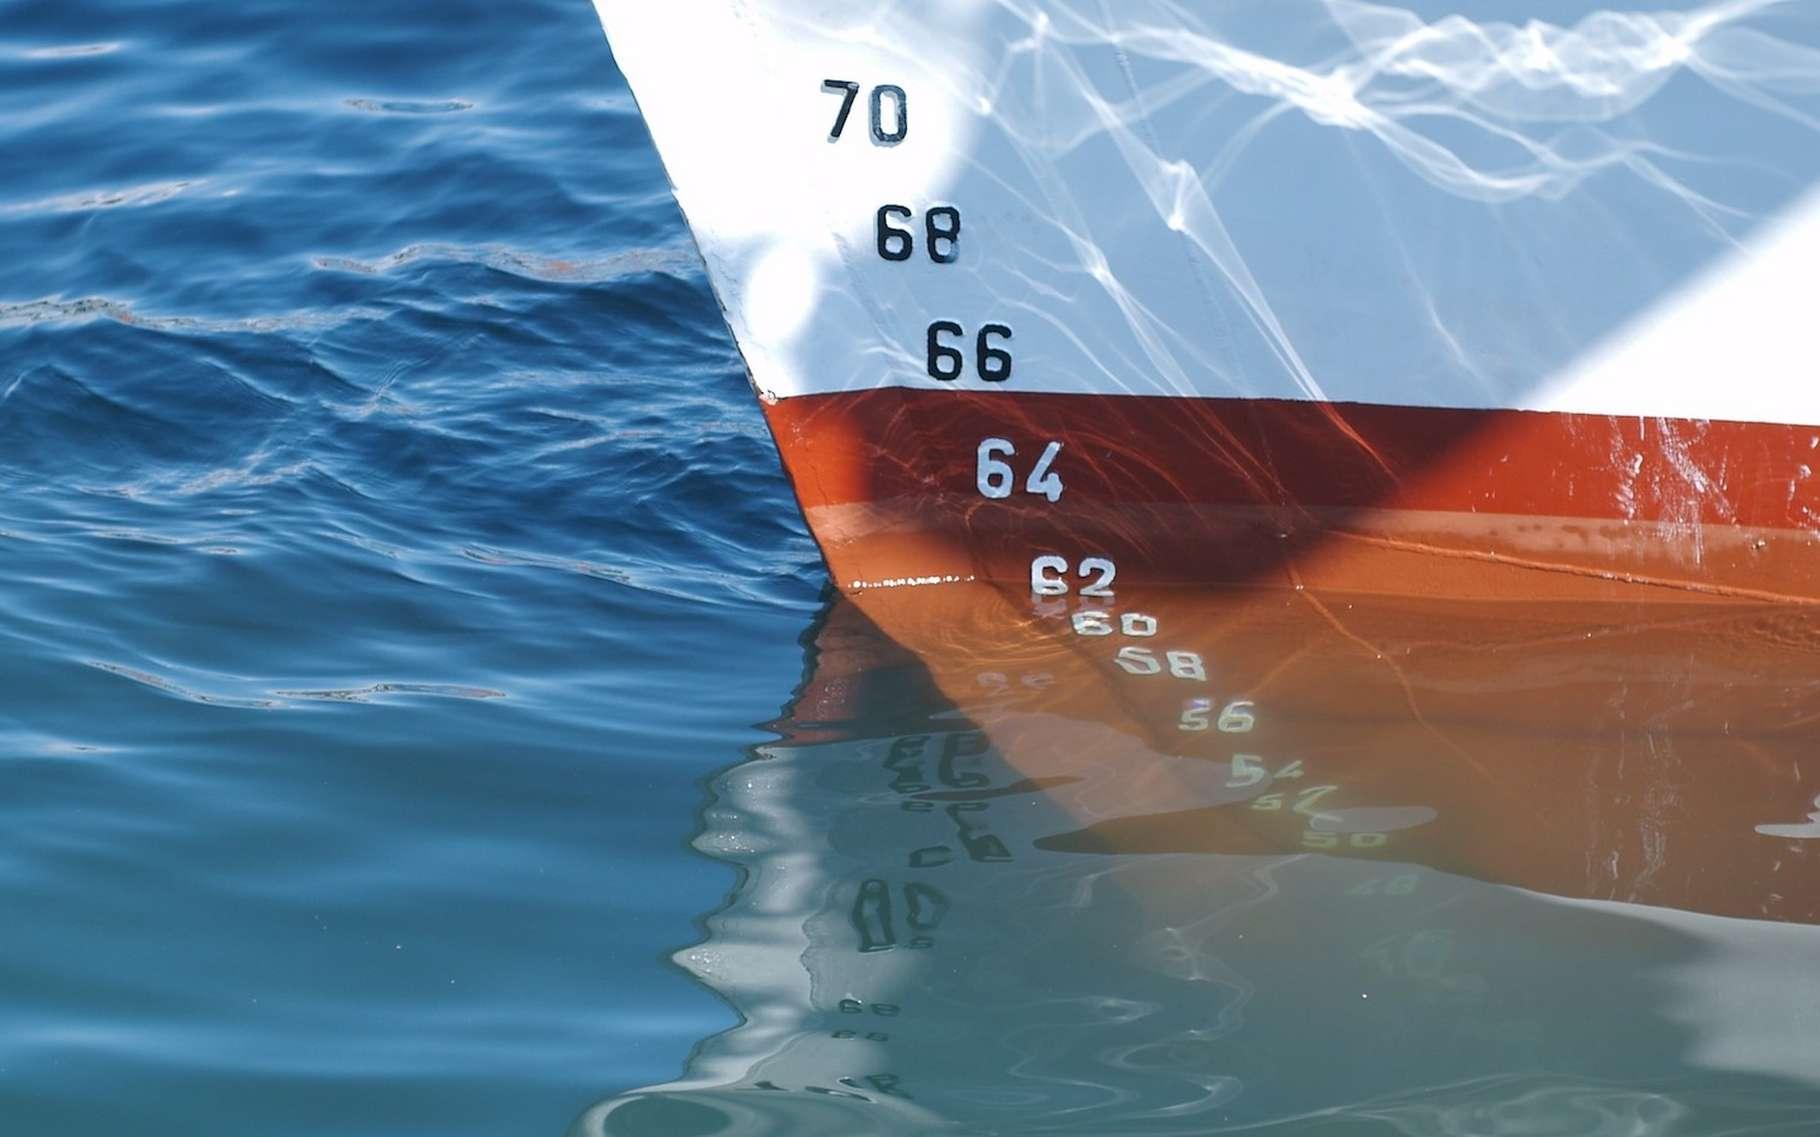 Les changements climatiques (la fonte des glaciers continentaux mais aussi la dilatation thermique des océans qui en résulte) sont à l'origine d'une hausse du niveau des mers. © tiburi, Pixabay, DP